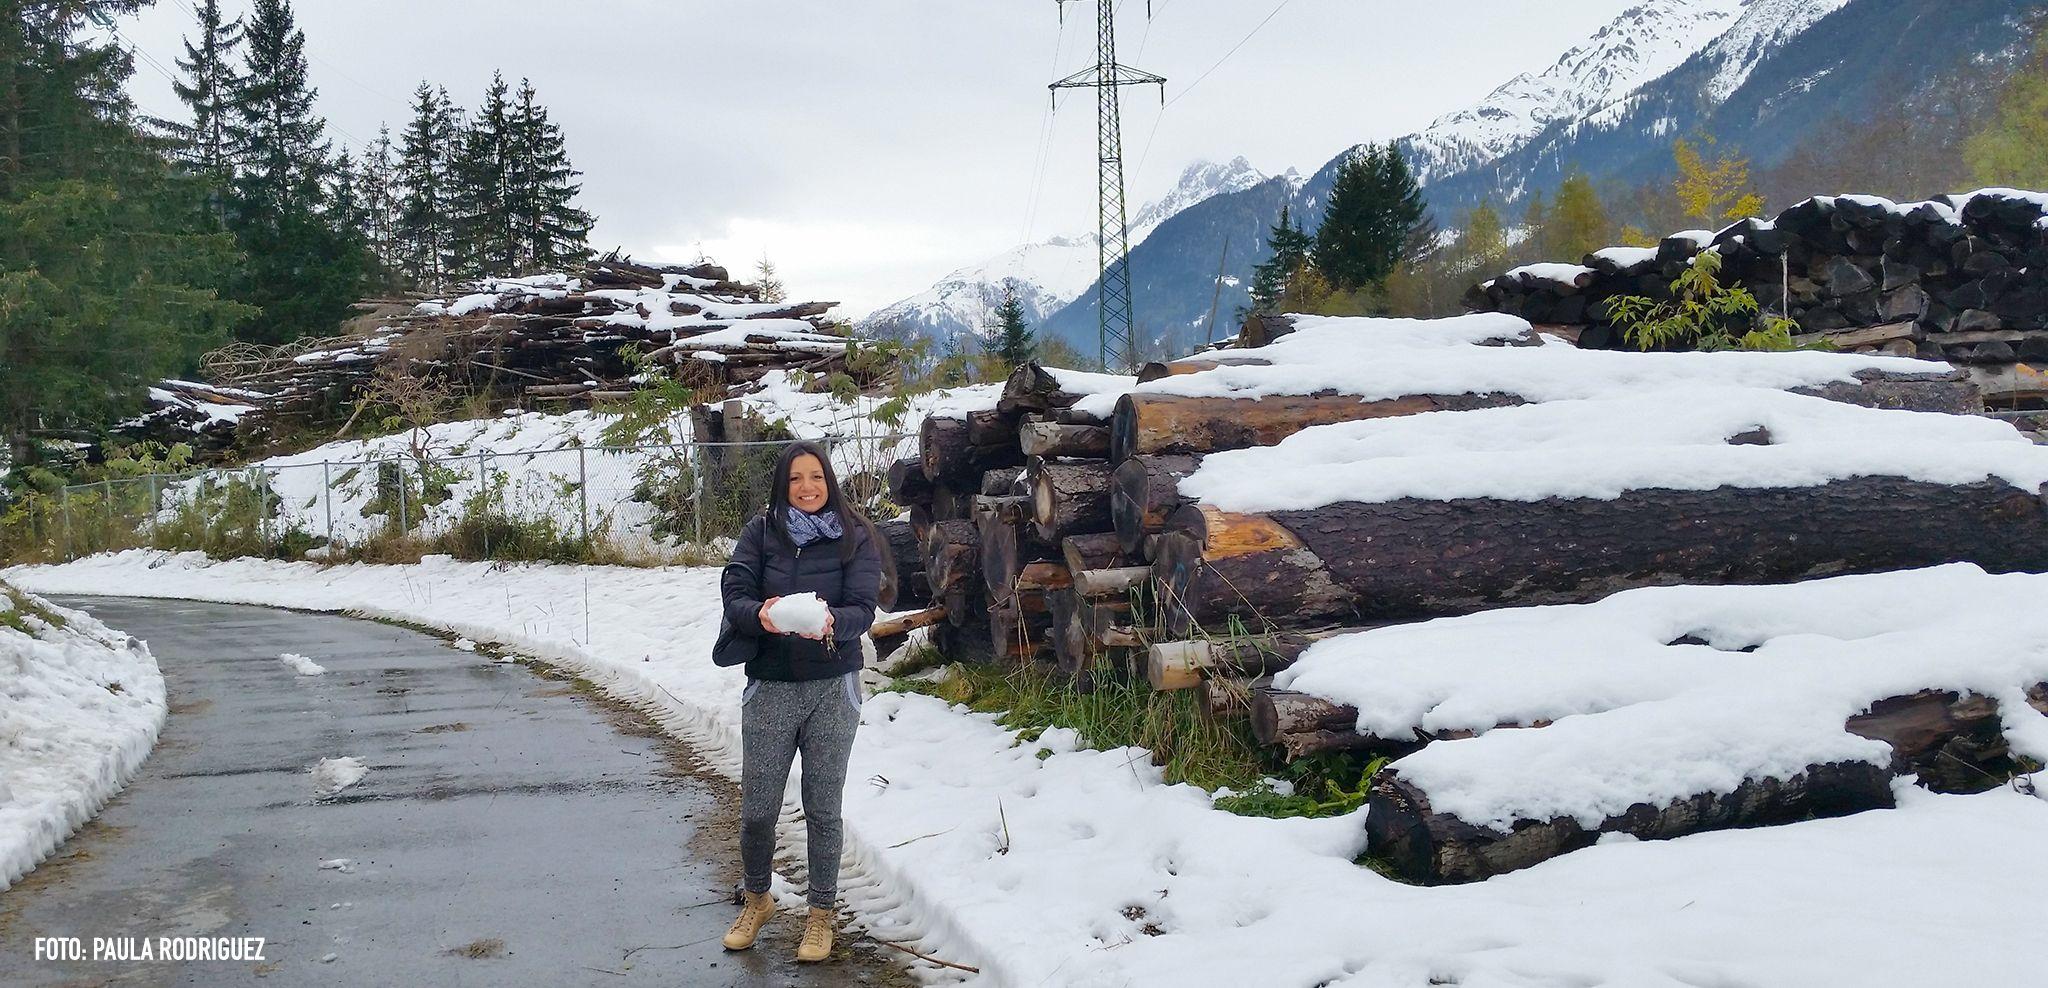 Austria - Innsbruck - Paula Rodriguez